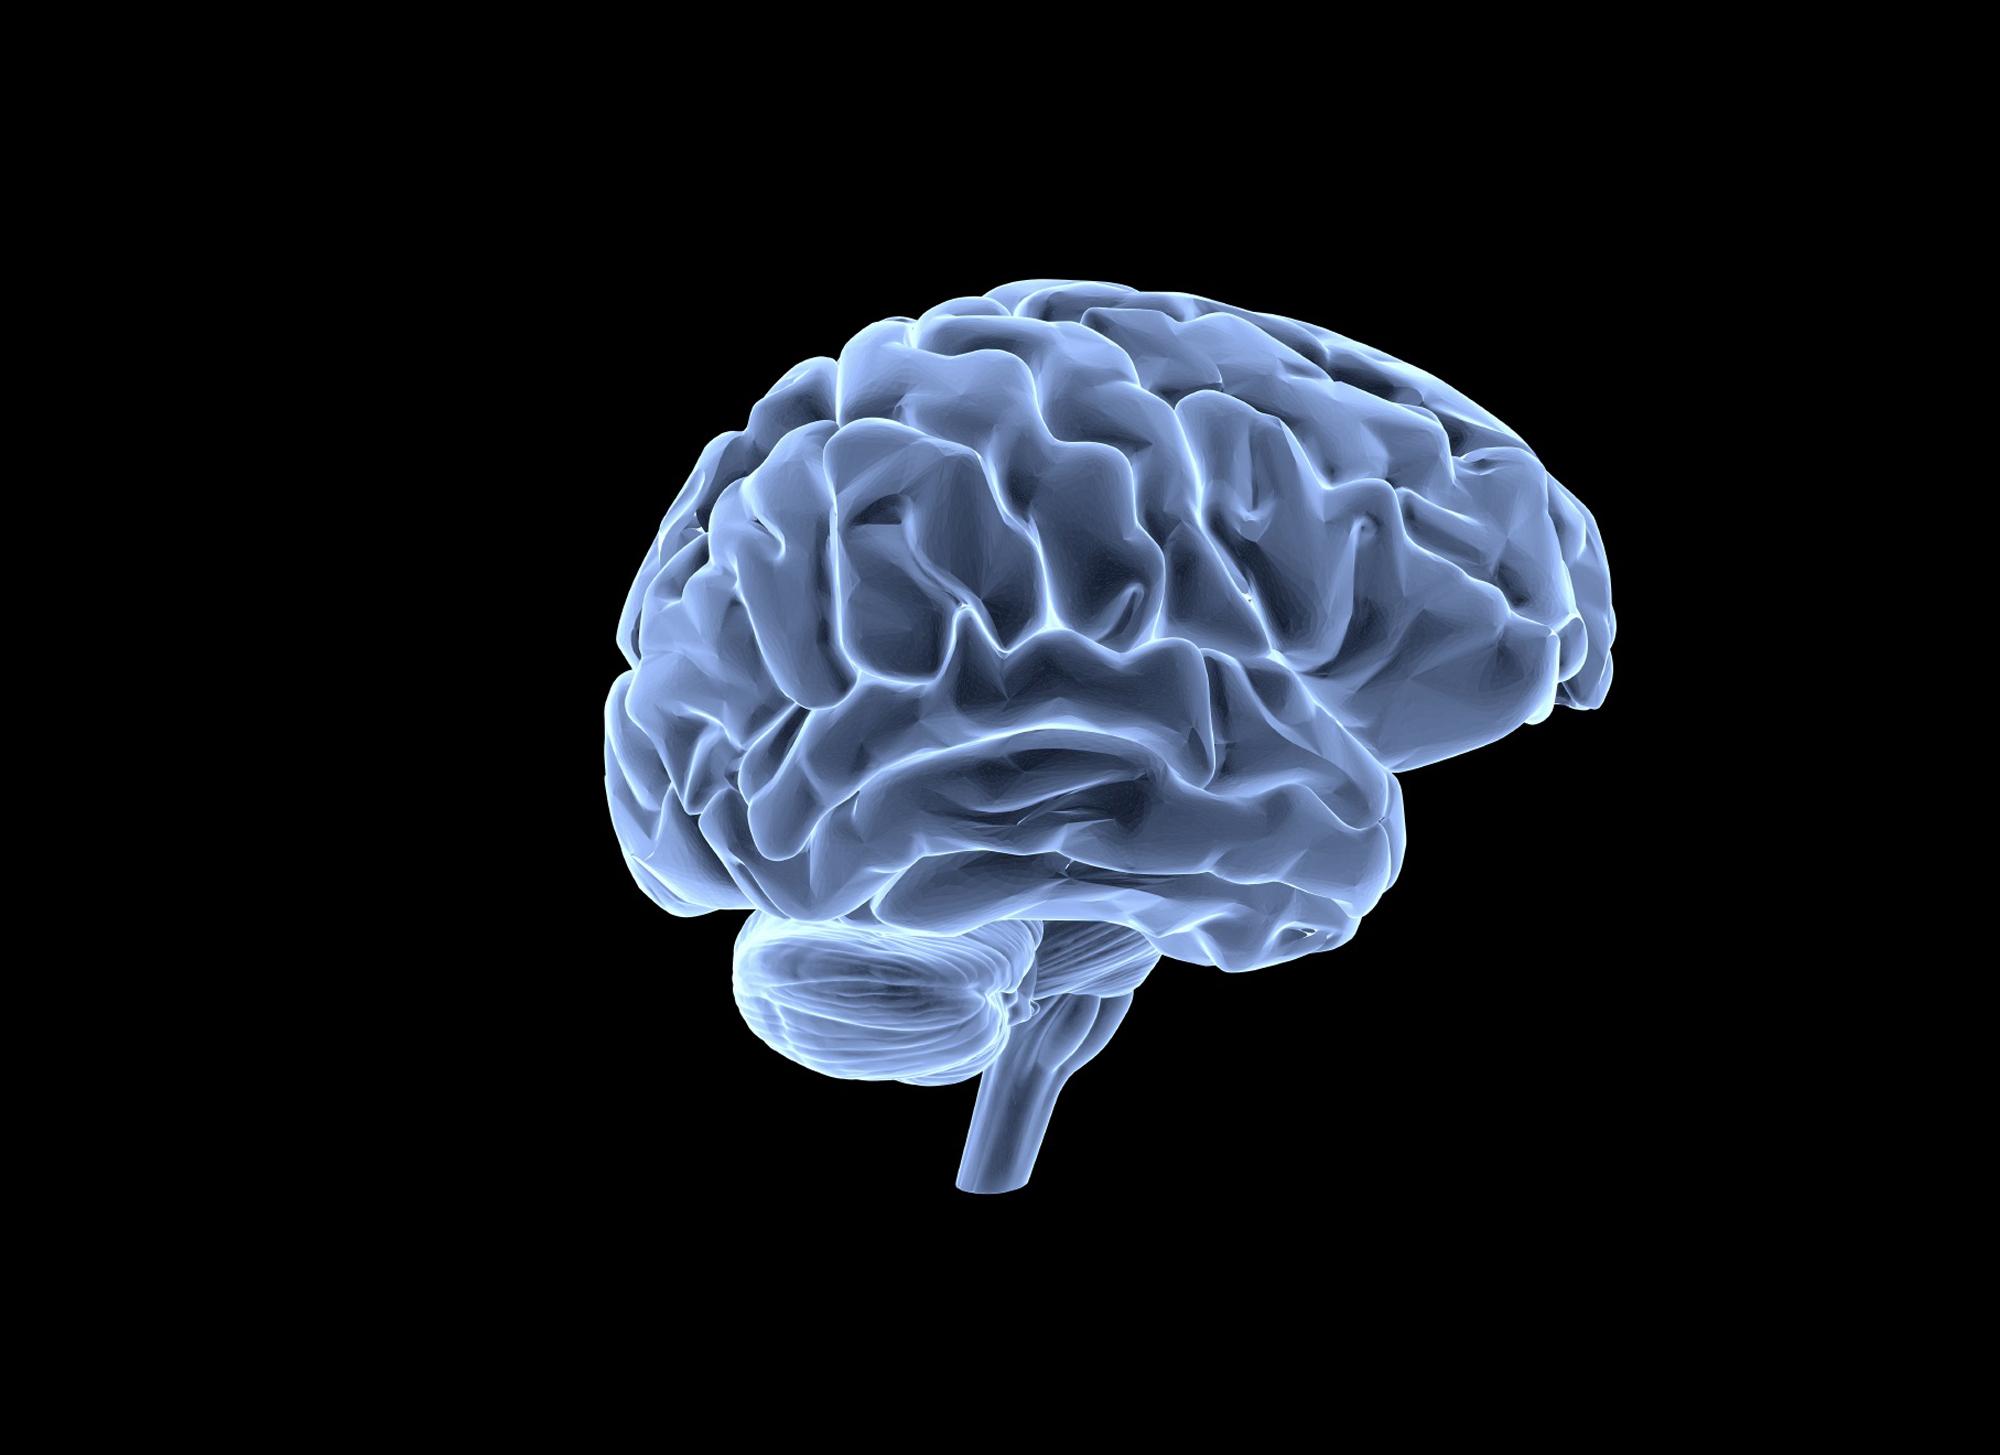 вариант подходит картинка мозговой центр этот сложный мир